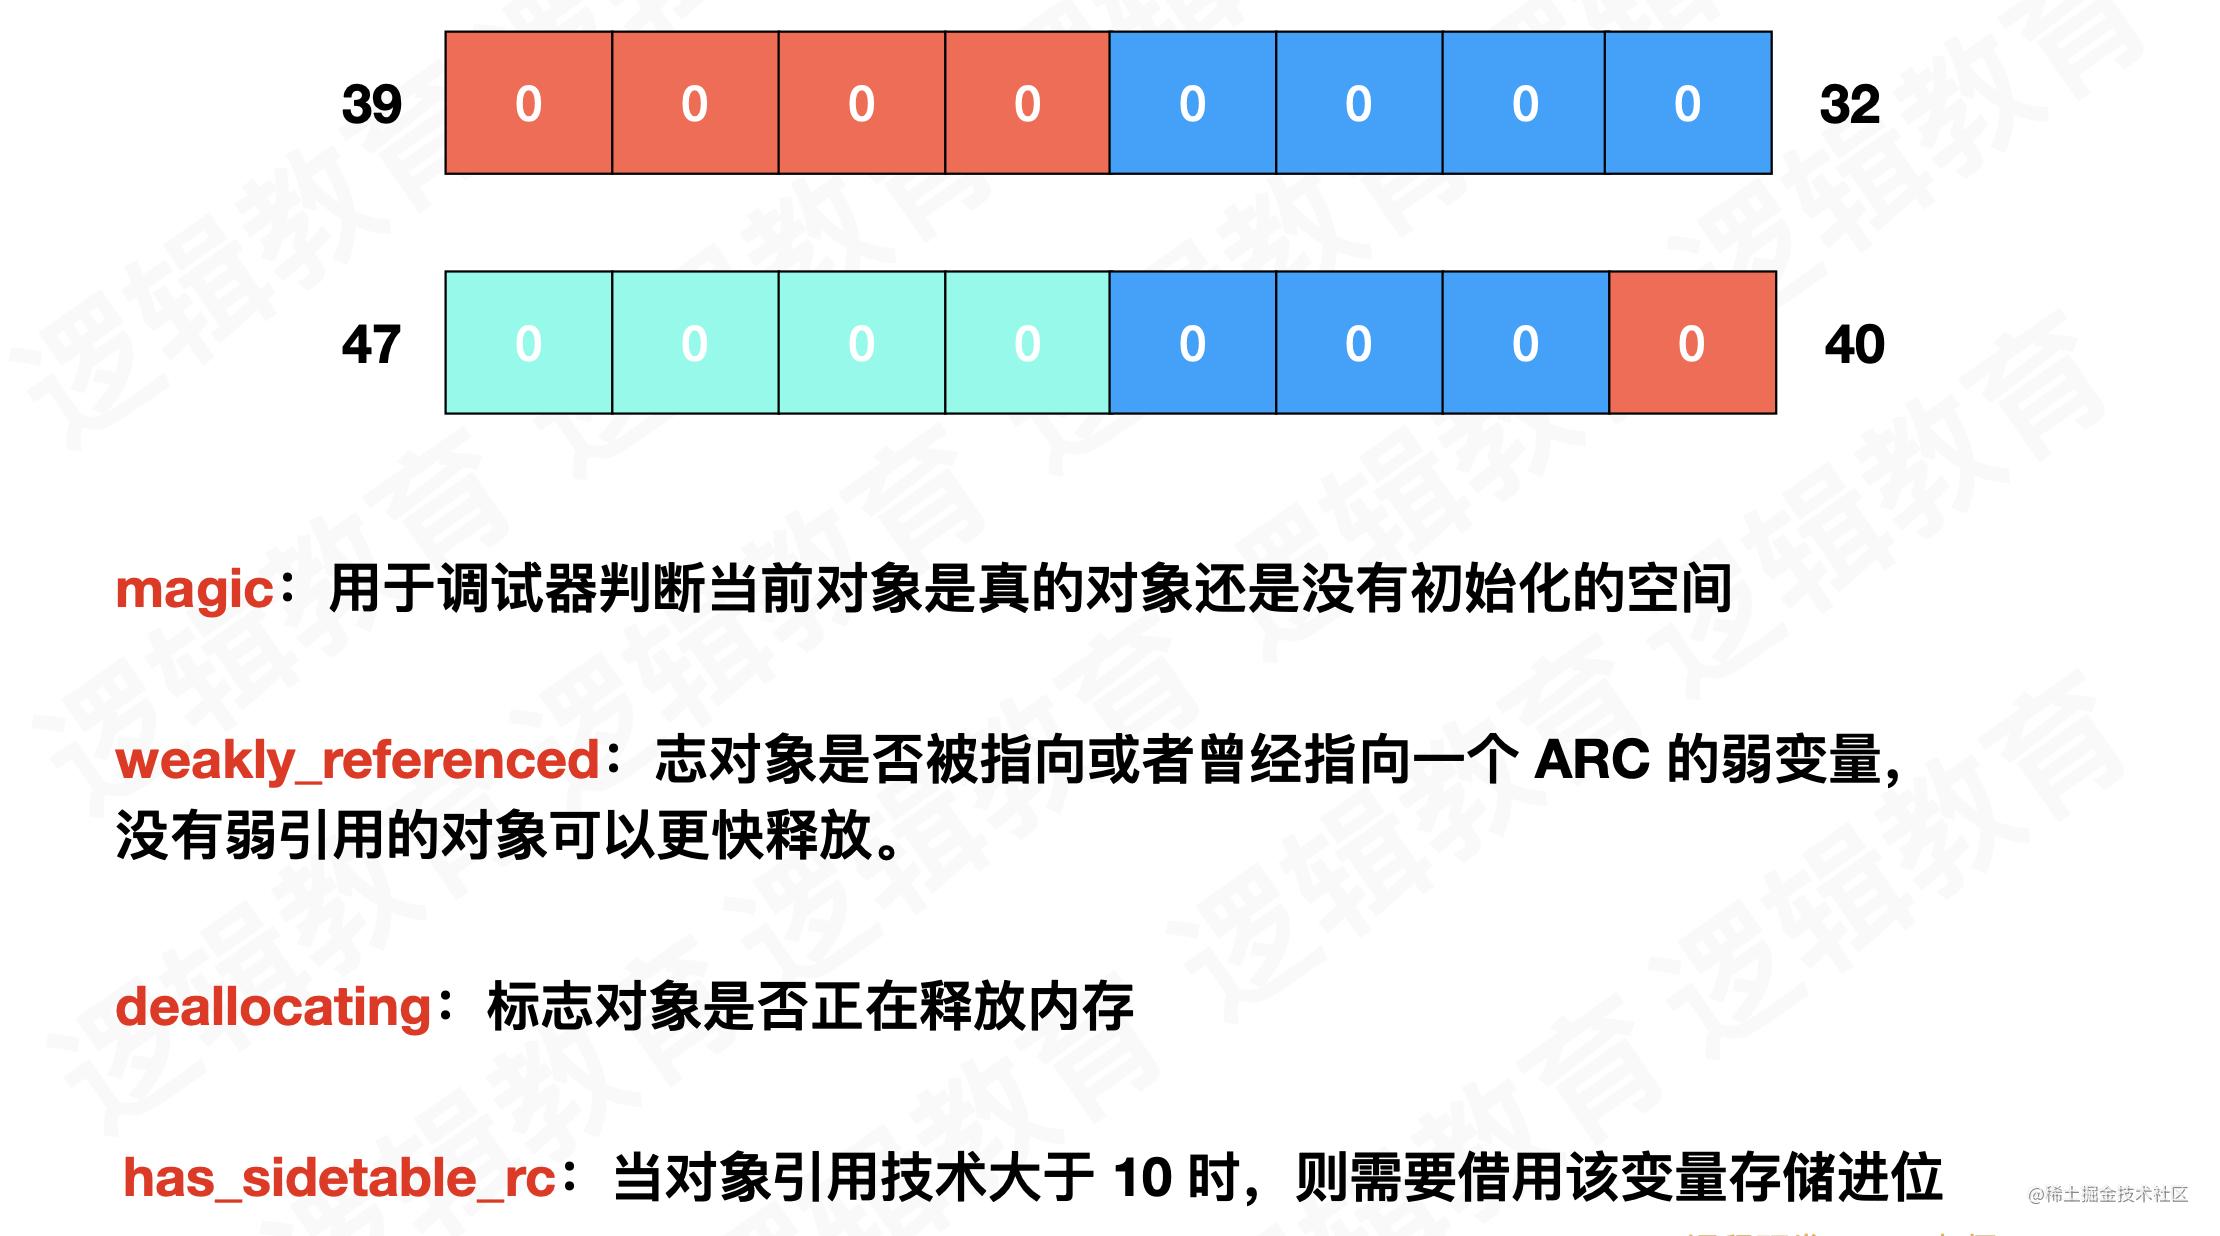 Screenshot 2021-06-21 at 12.04.30 AM.png